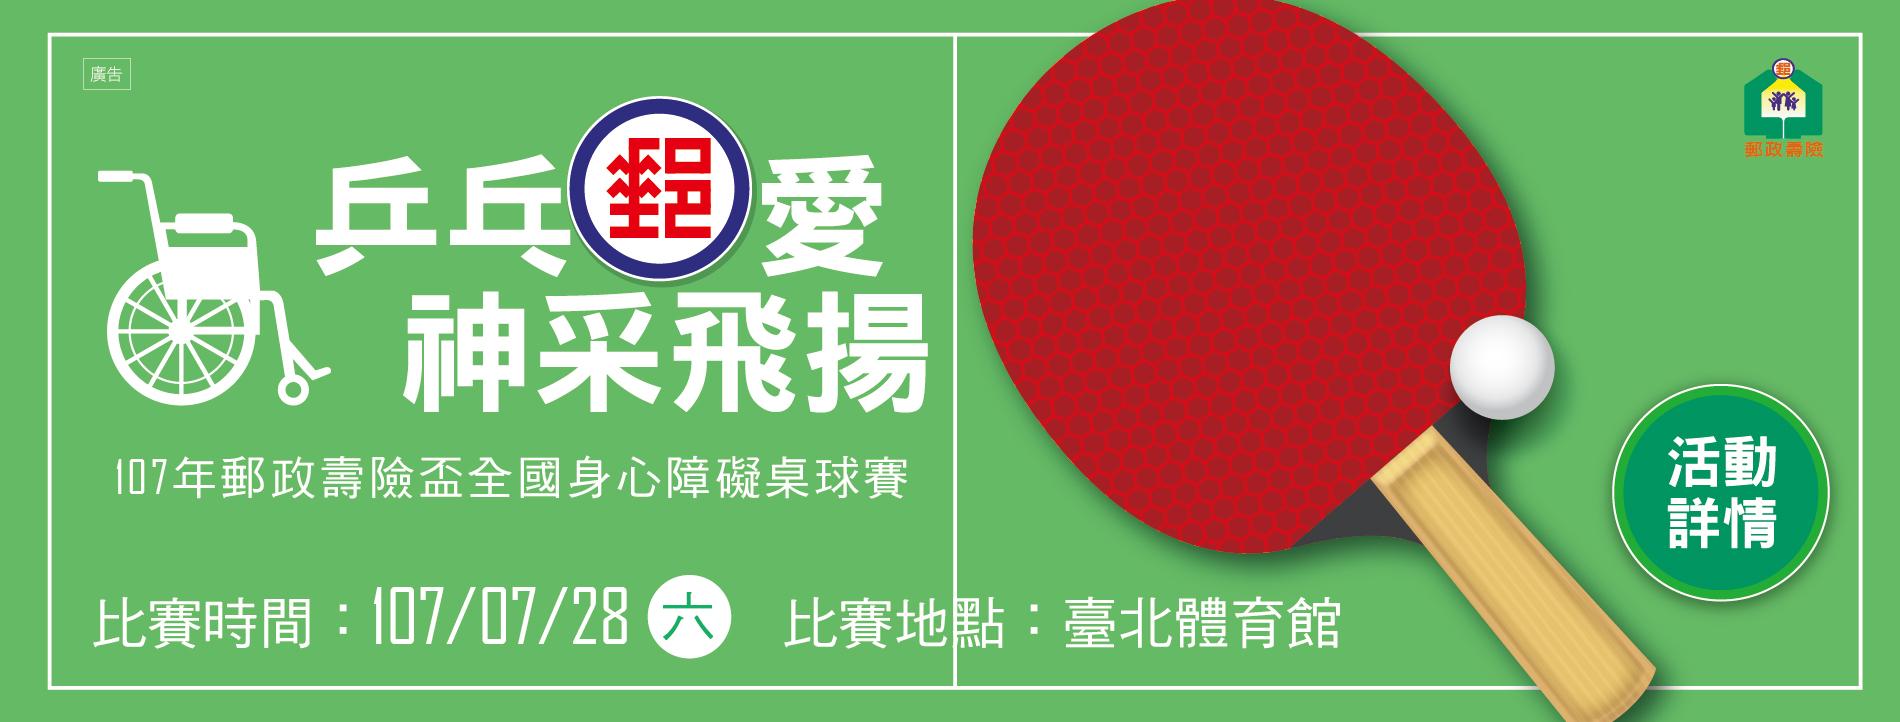 廣告連結:「乒乓郵愛 神采飛揚」107郵政壽險盃全國身心障礙桌球賽(另開視窗)